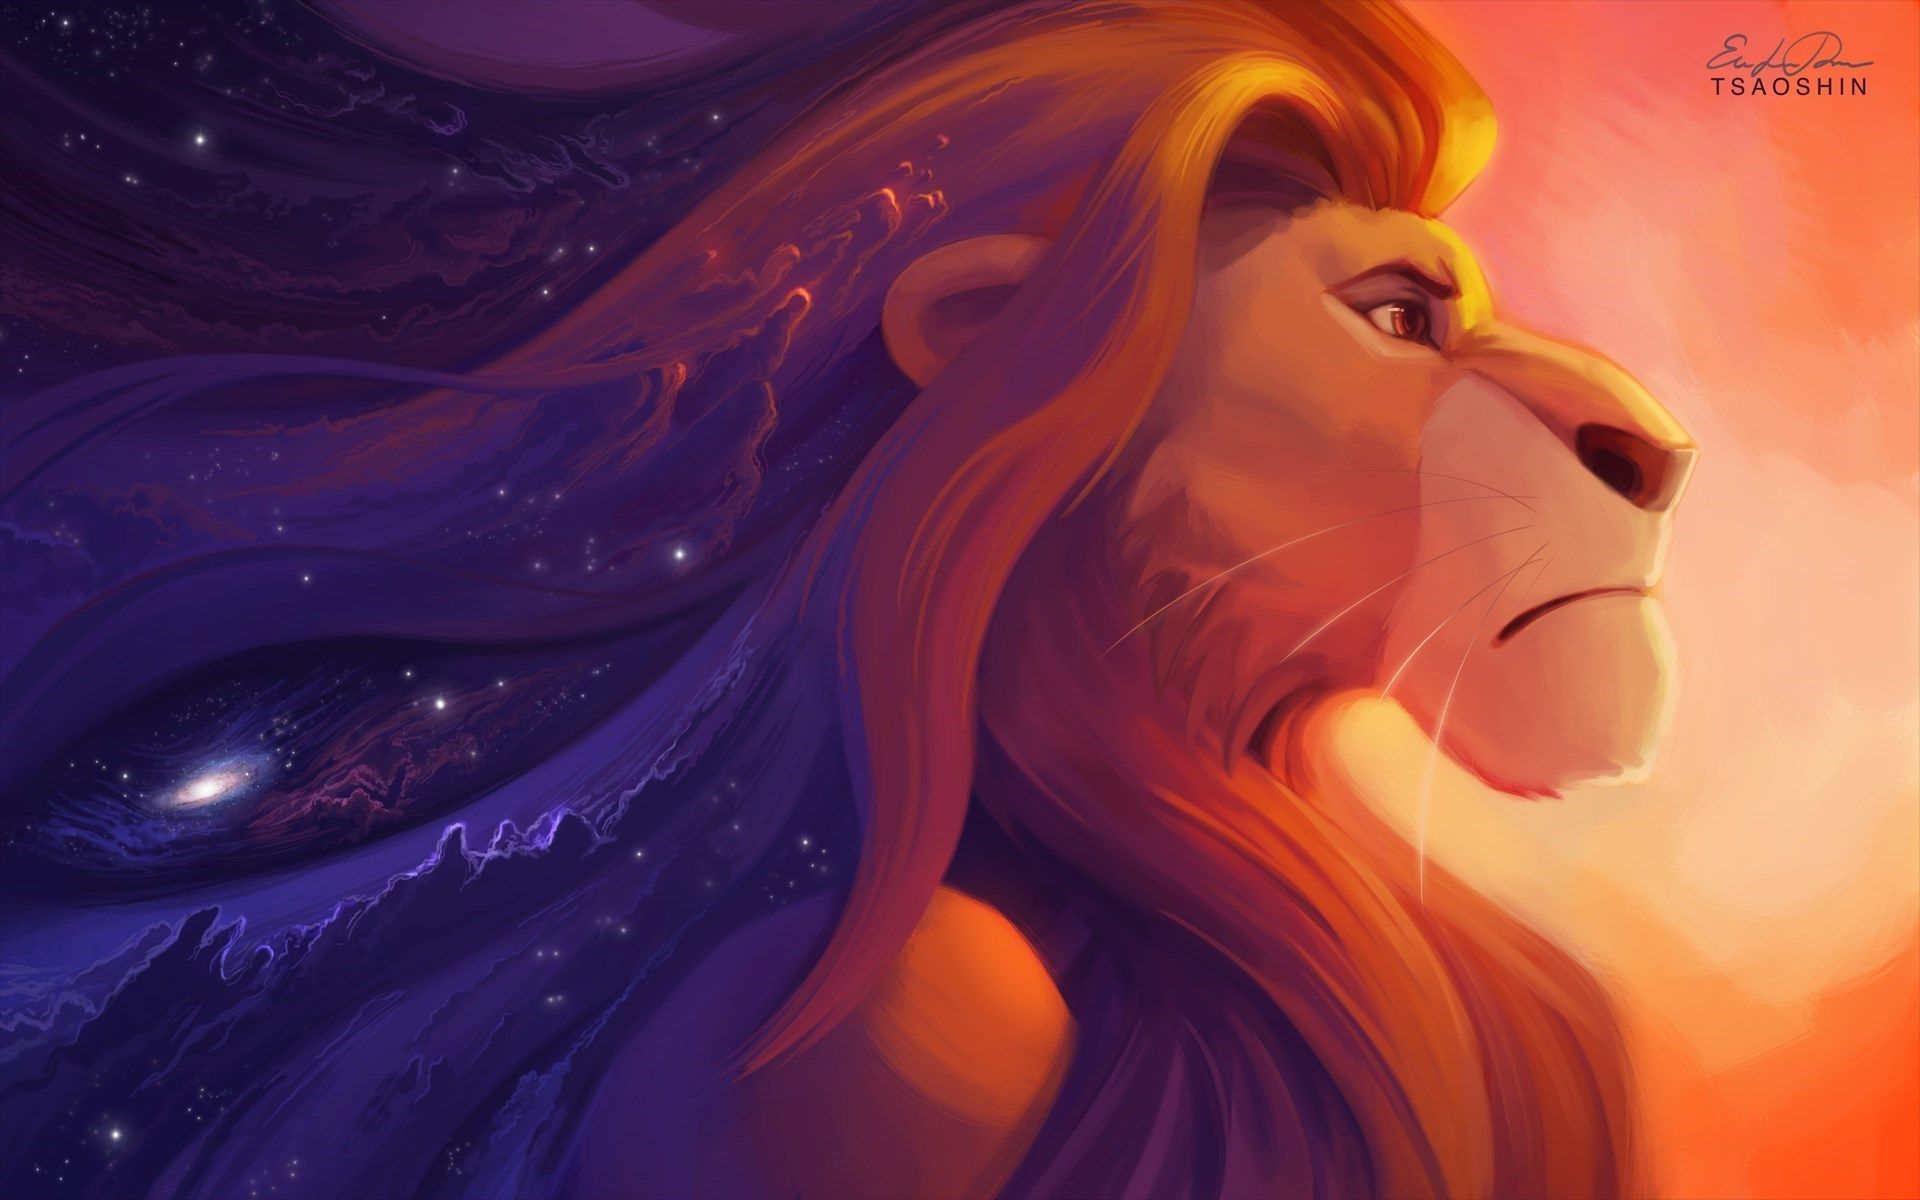 The Lion King Simba Art Cartoon Hd Wallpaper List